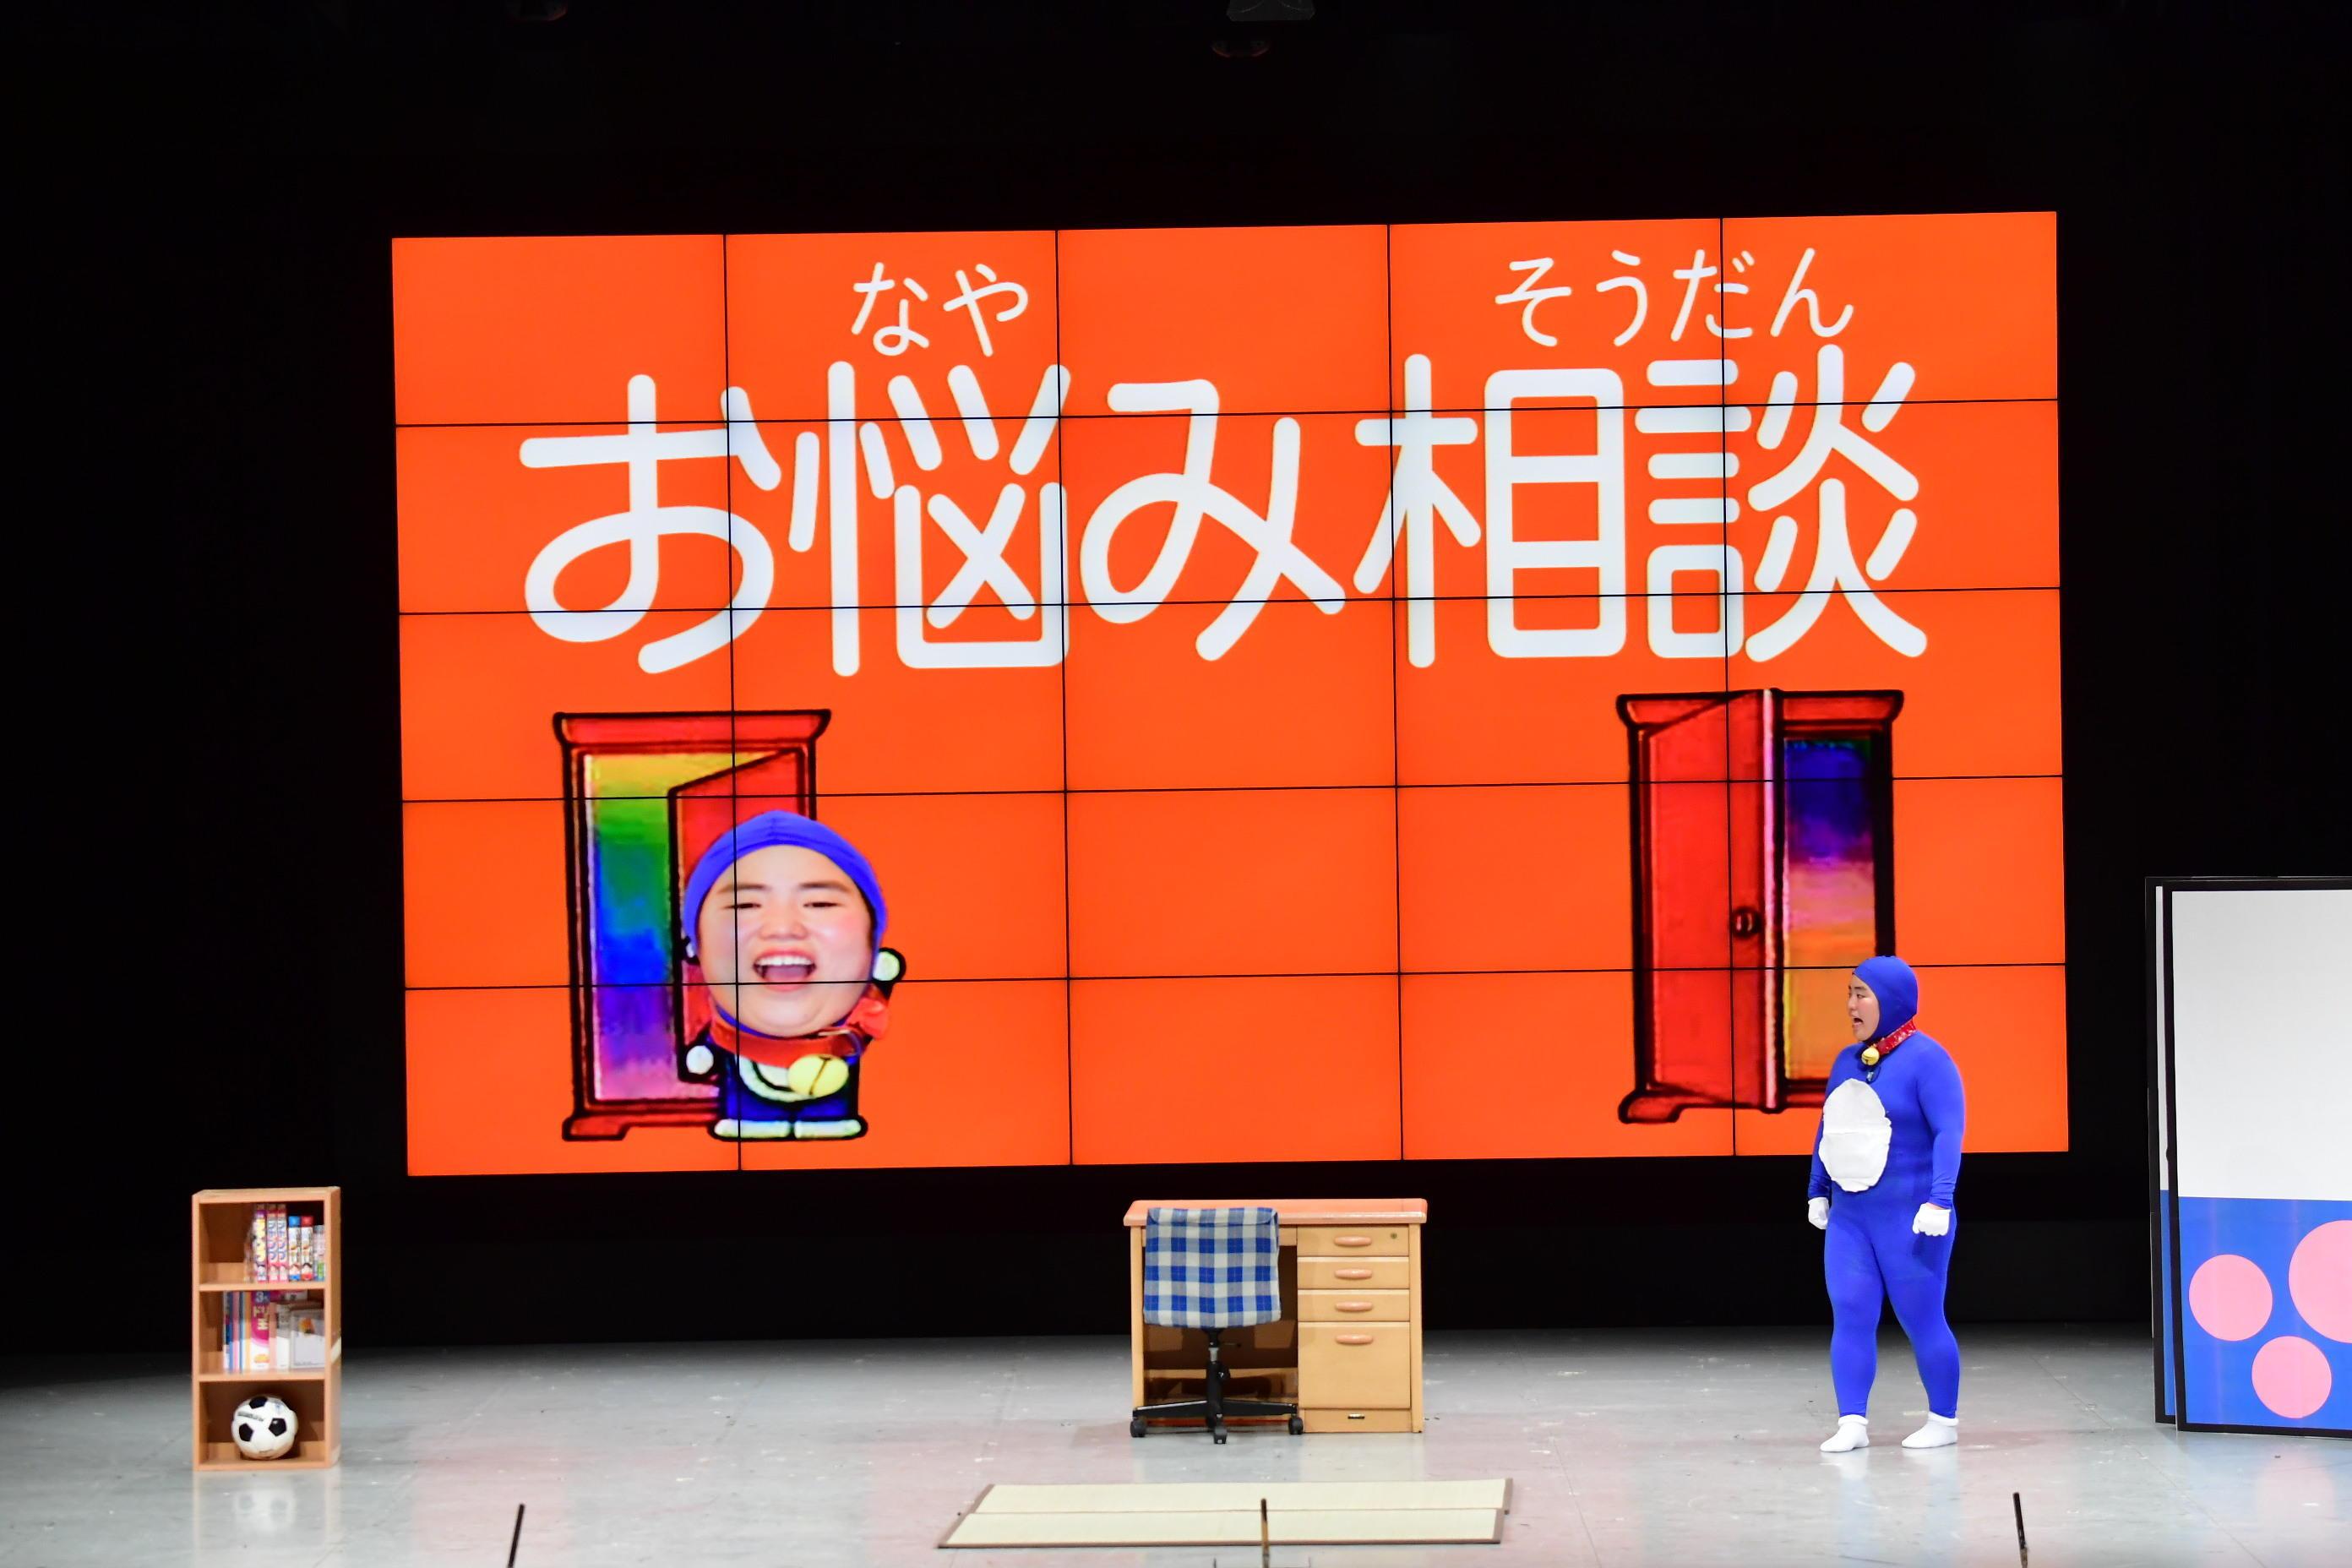 http://news.yoshimoto.co.jp/20180515235216-8cde6d29cb0b76a3ffc36f93c4b23d10549e67e2.jpg